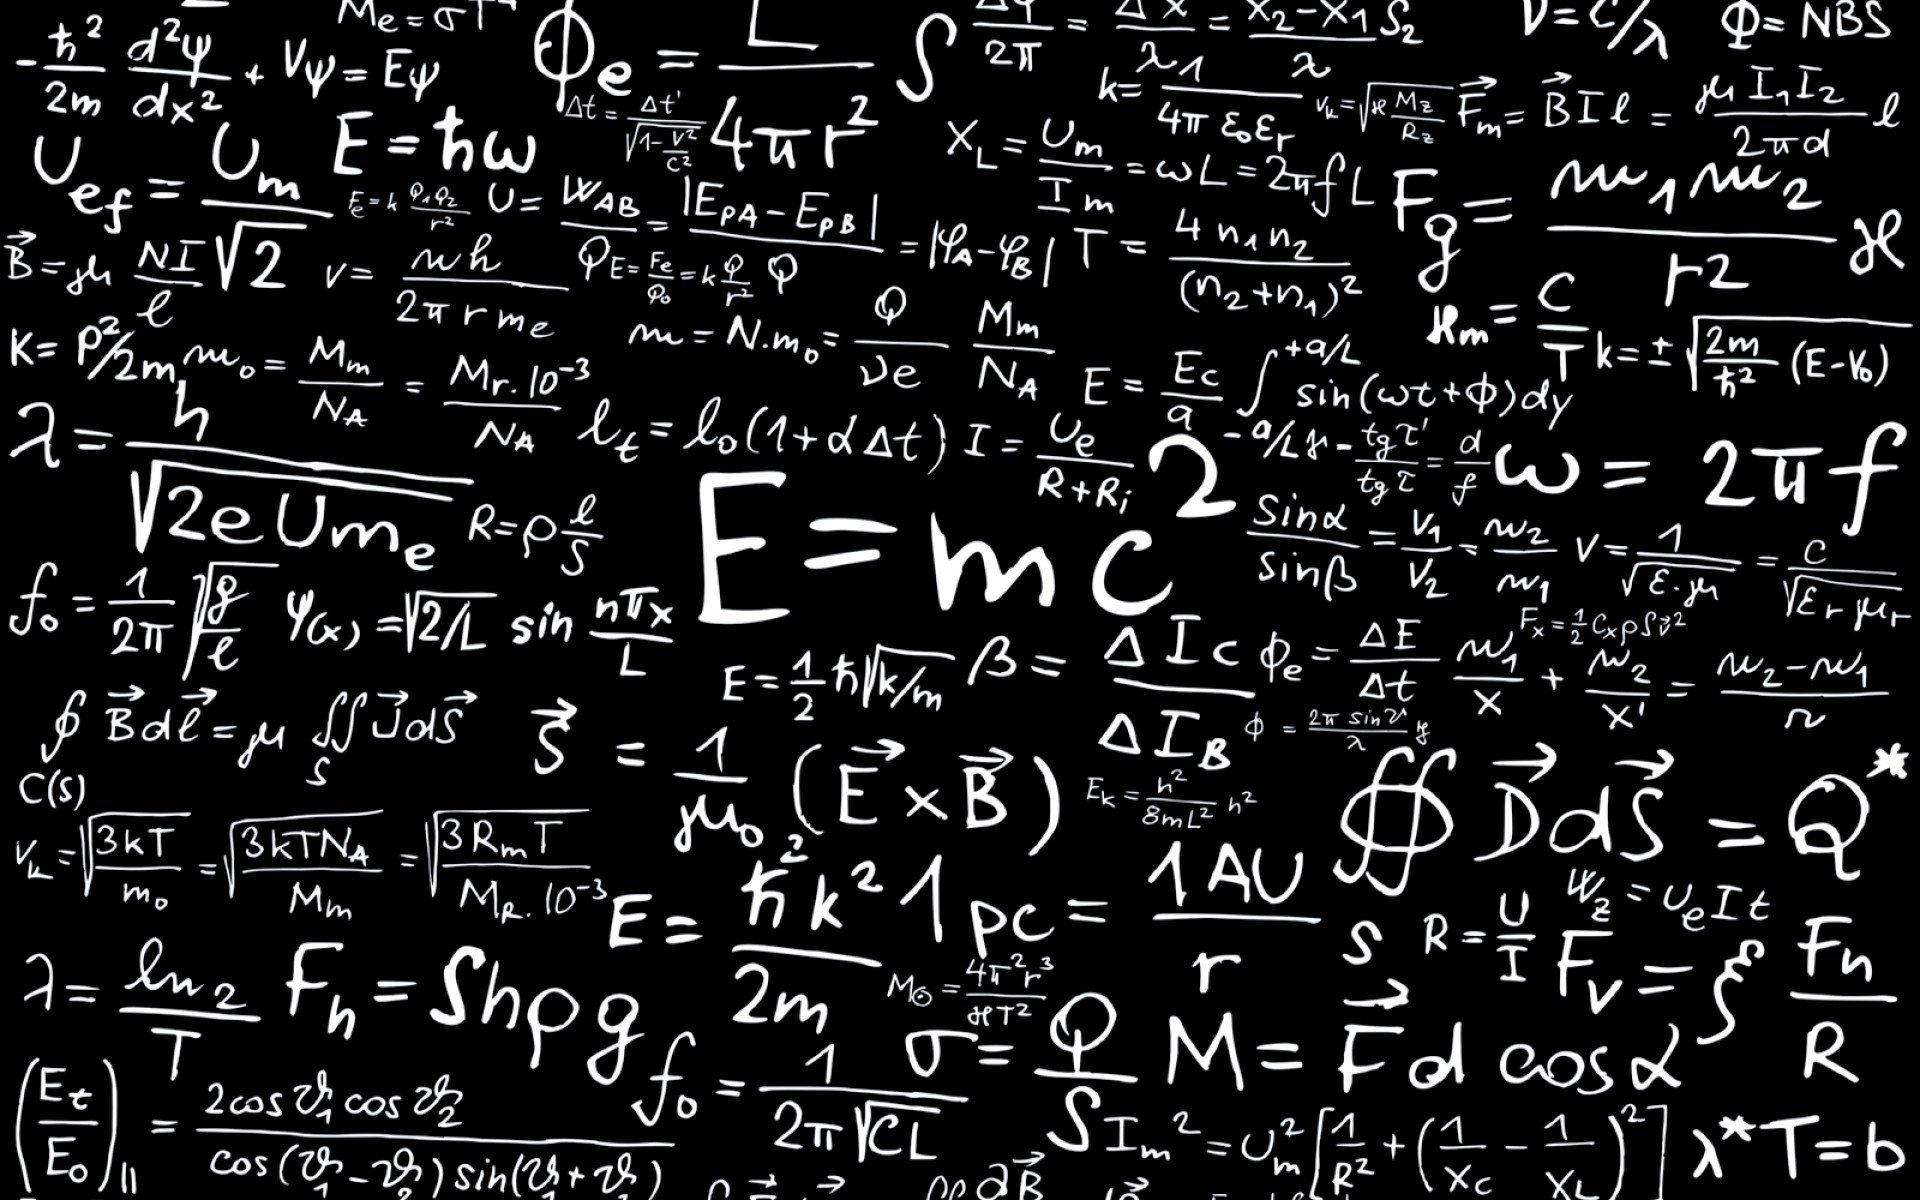 Математические формулы фон - 36 фото для презентаций и картинок на рабочий  стол